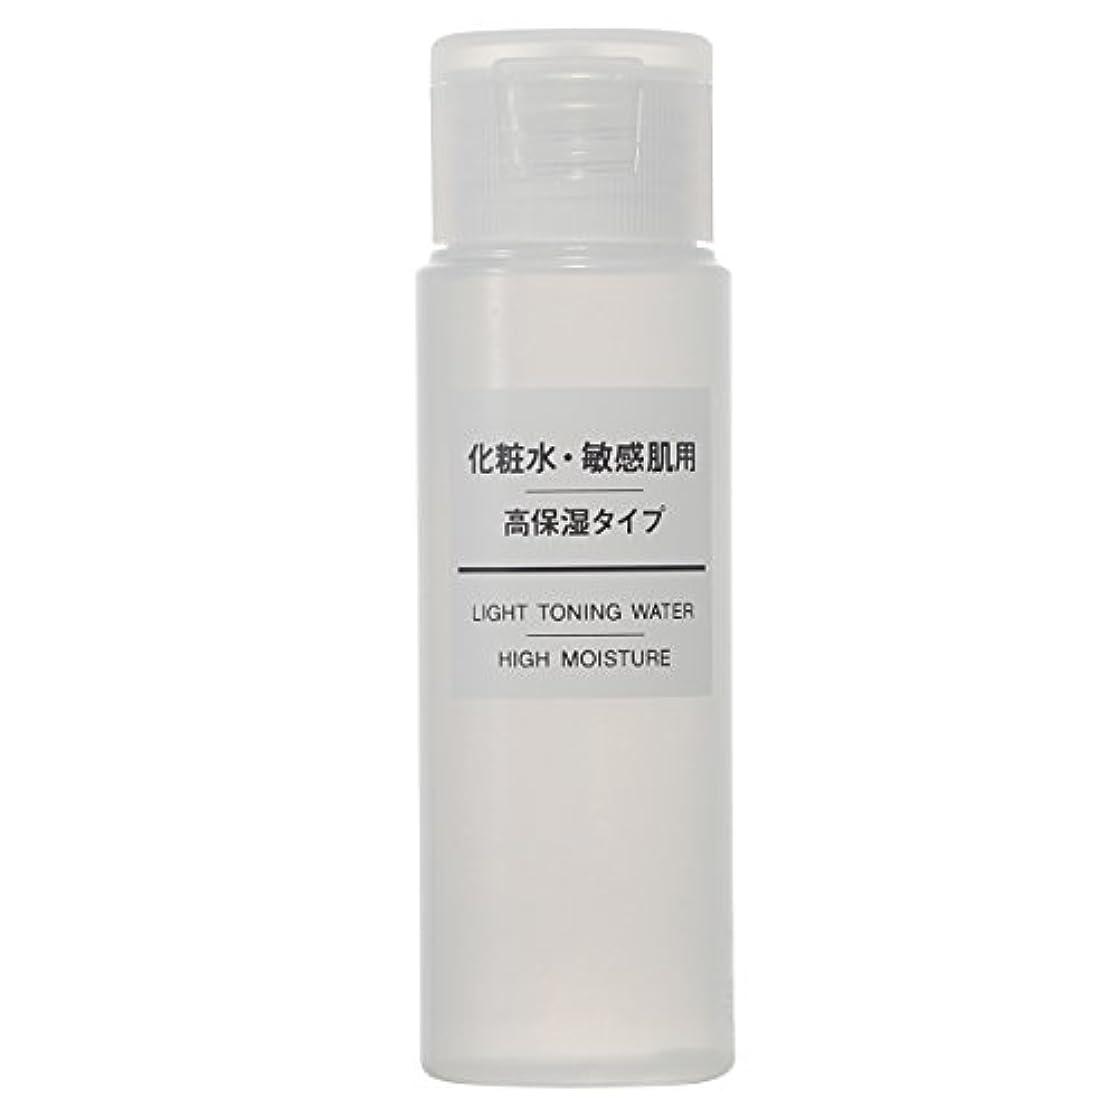 マイクロ導出喜んで無印良品 化粧水 敏感肌用 高保湿タイプ(携帯用) 50ml